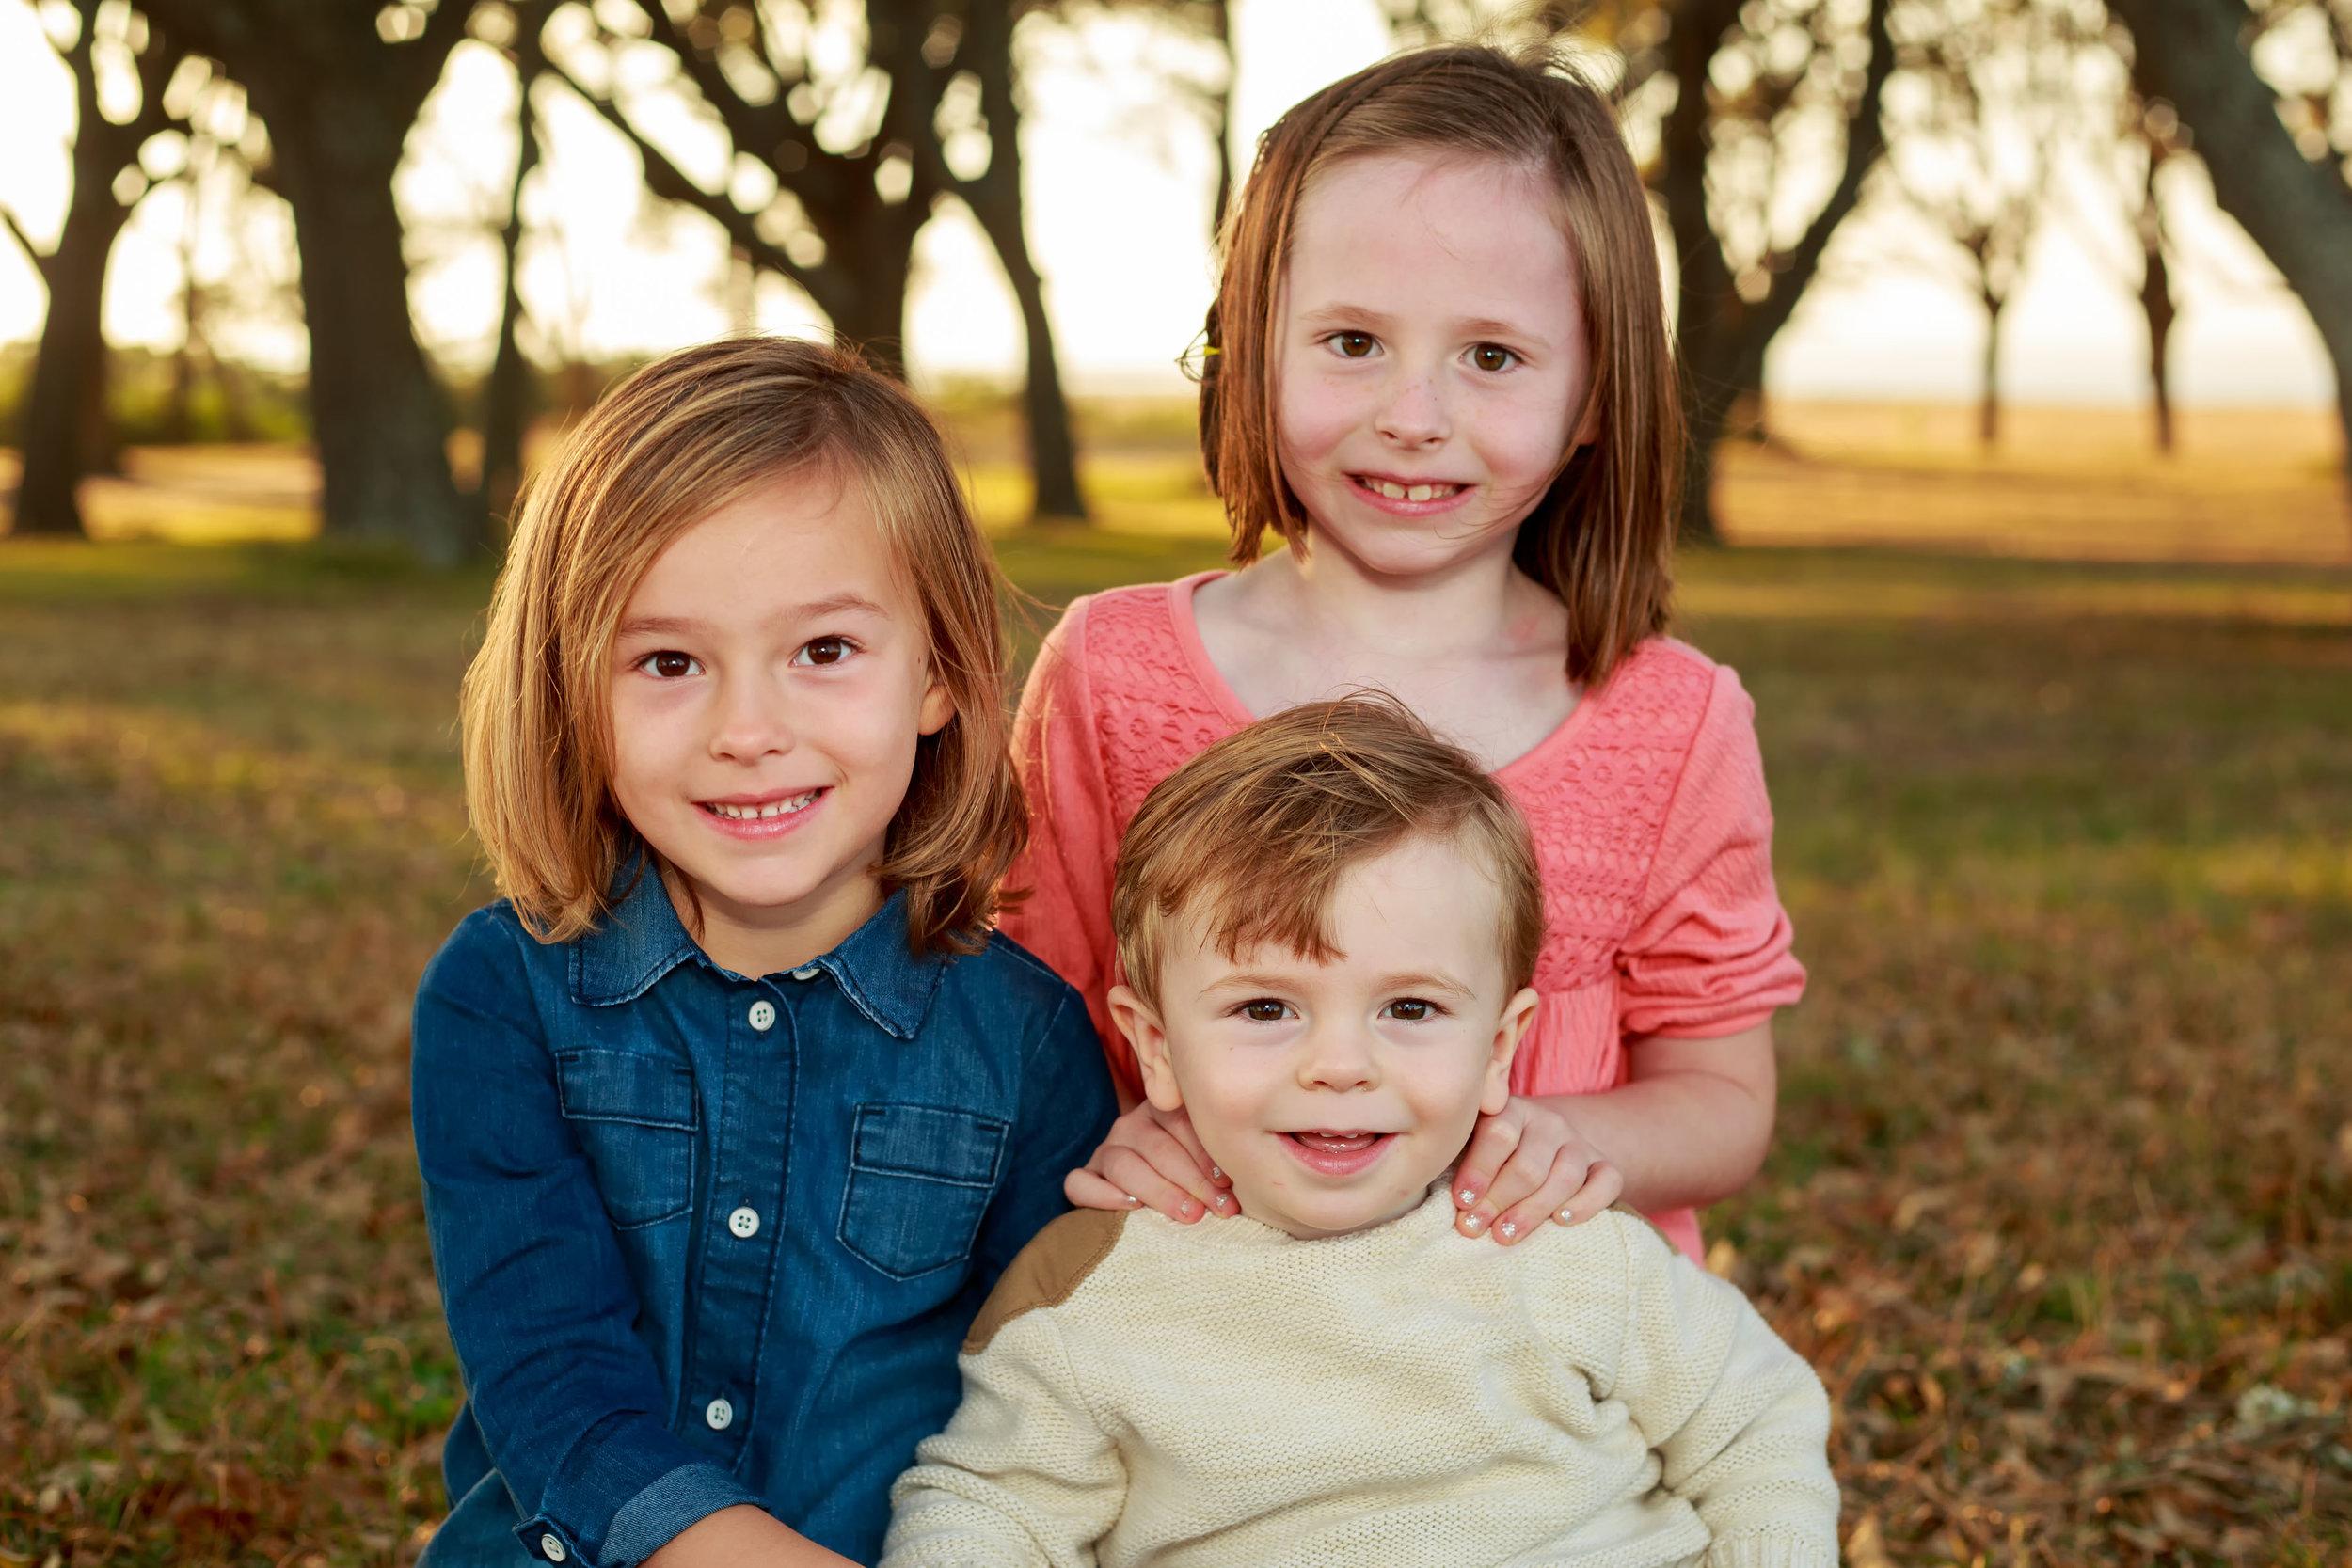 NC_Family_photographer_Tiffany_Abruzzo_Photography_27.jpg